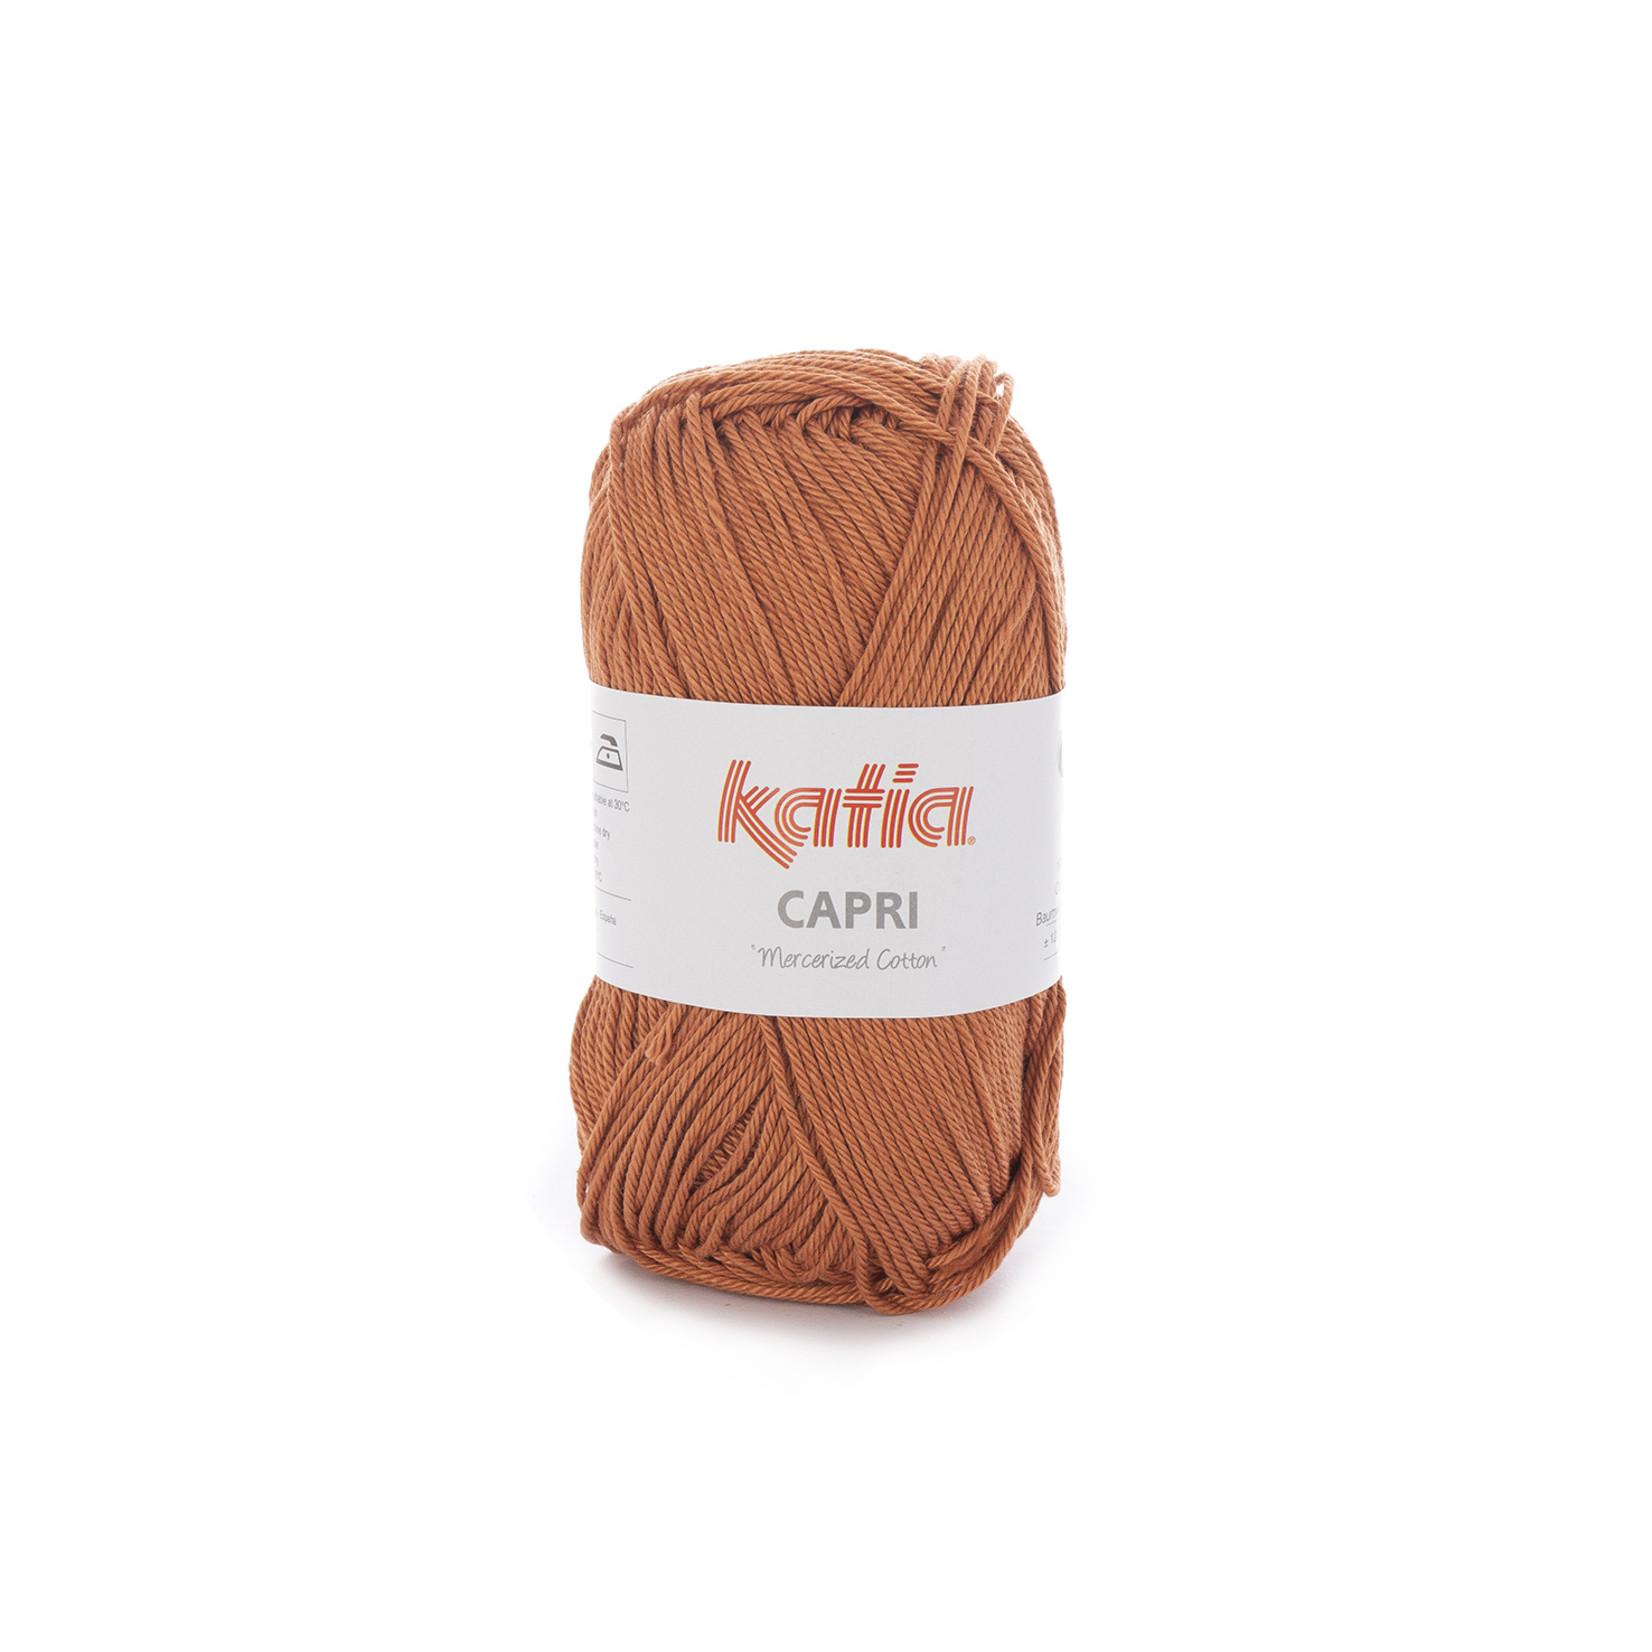 Katia Katia Capri - kleur 166 Roestbruin - 50 gr. = 125 m. - 100% katoen